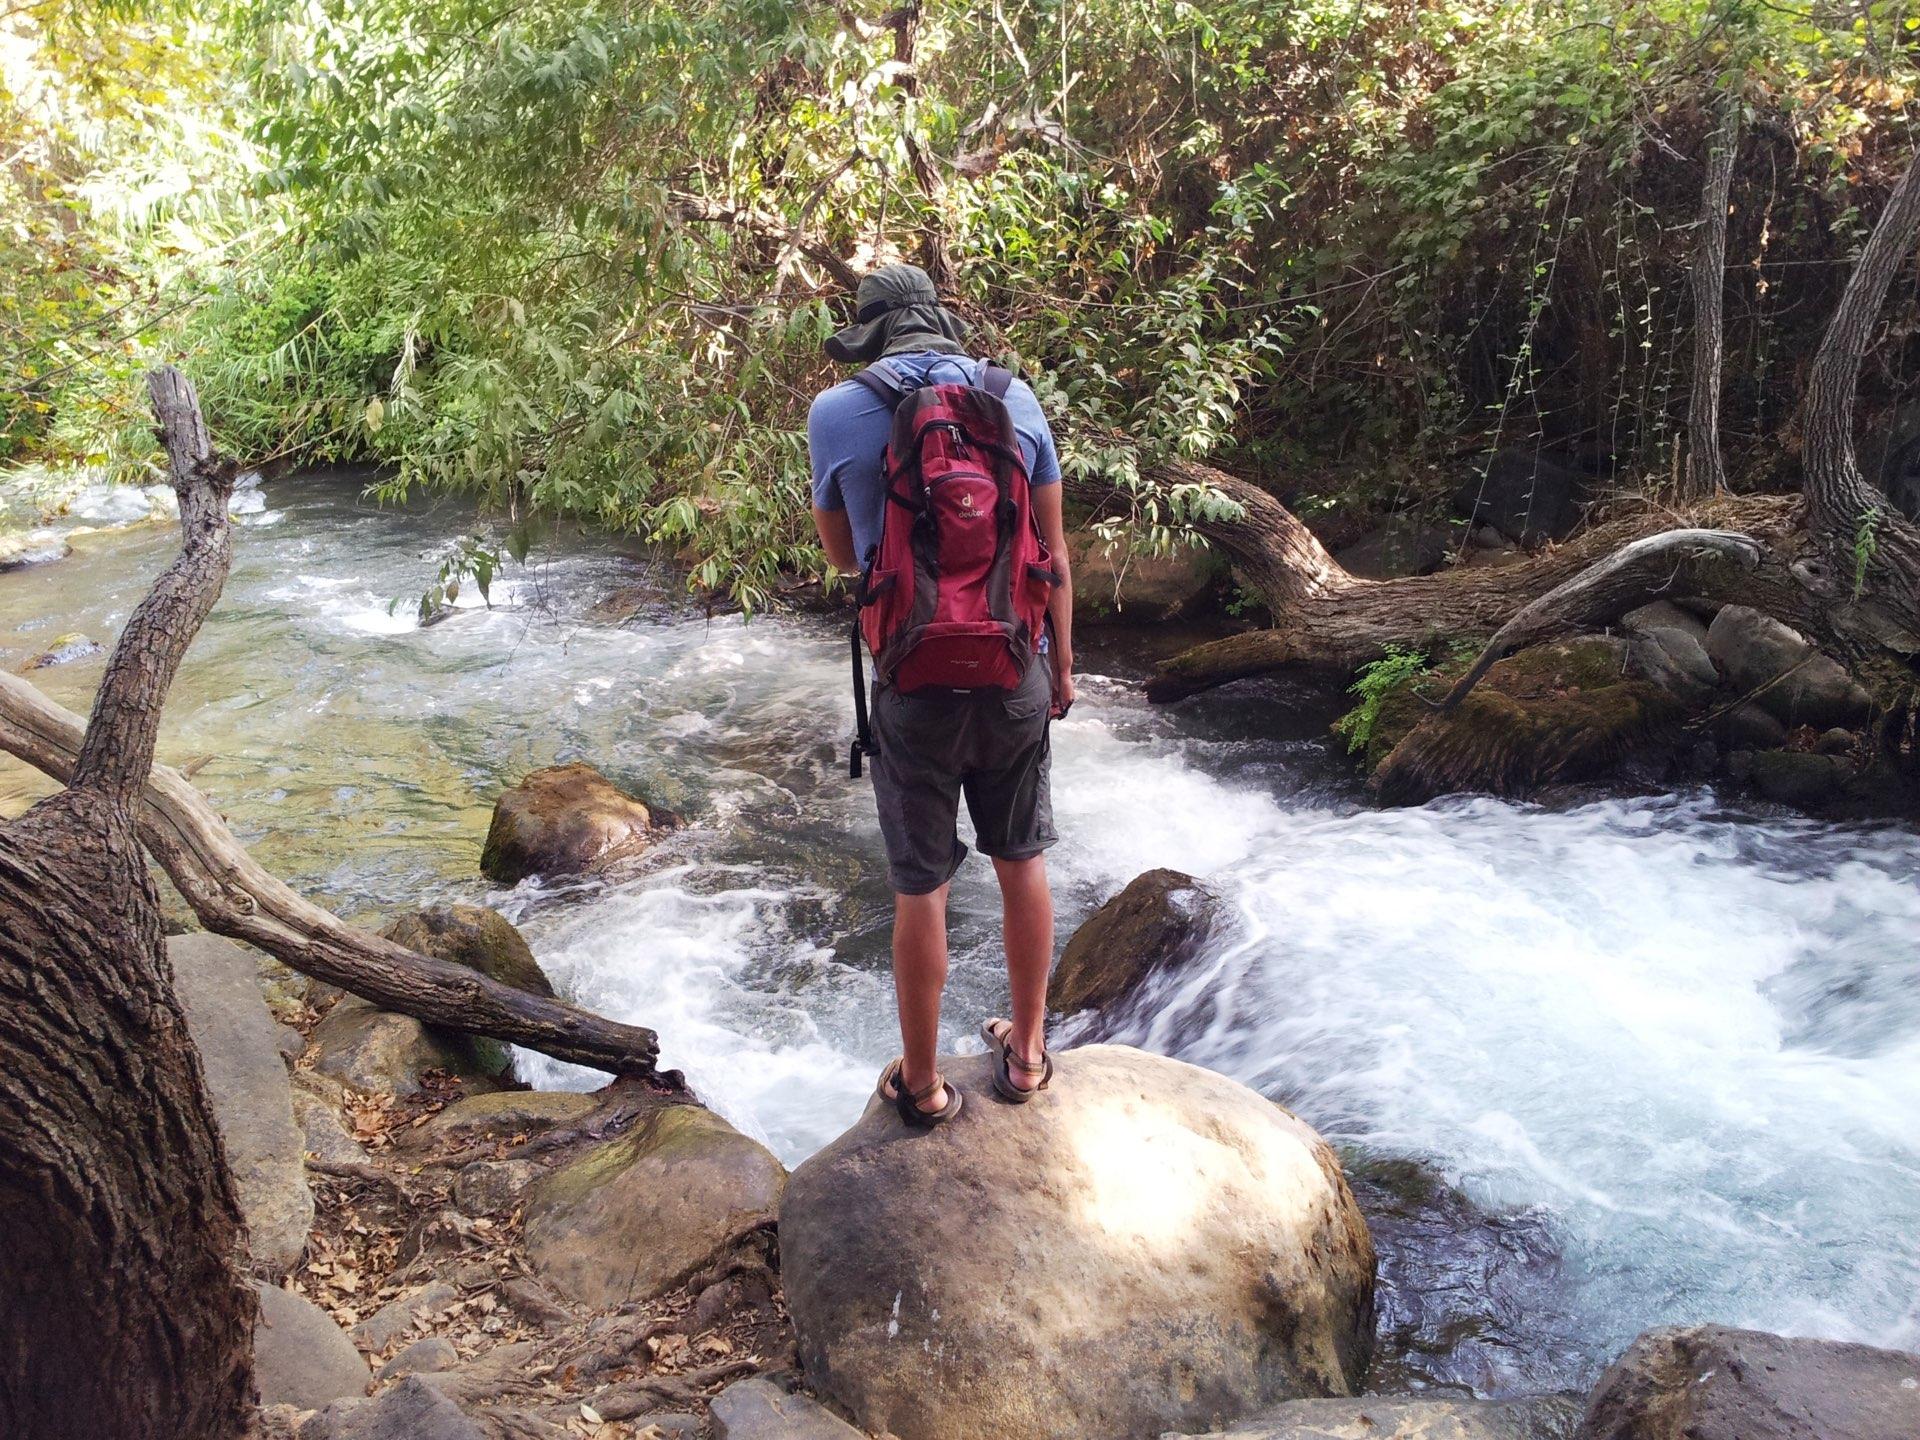 אדם מטייל בנחל הבניאס